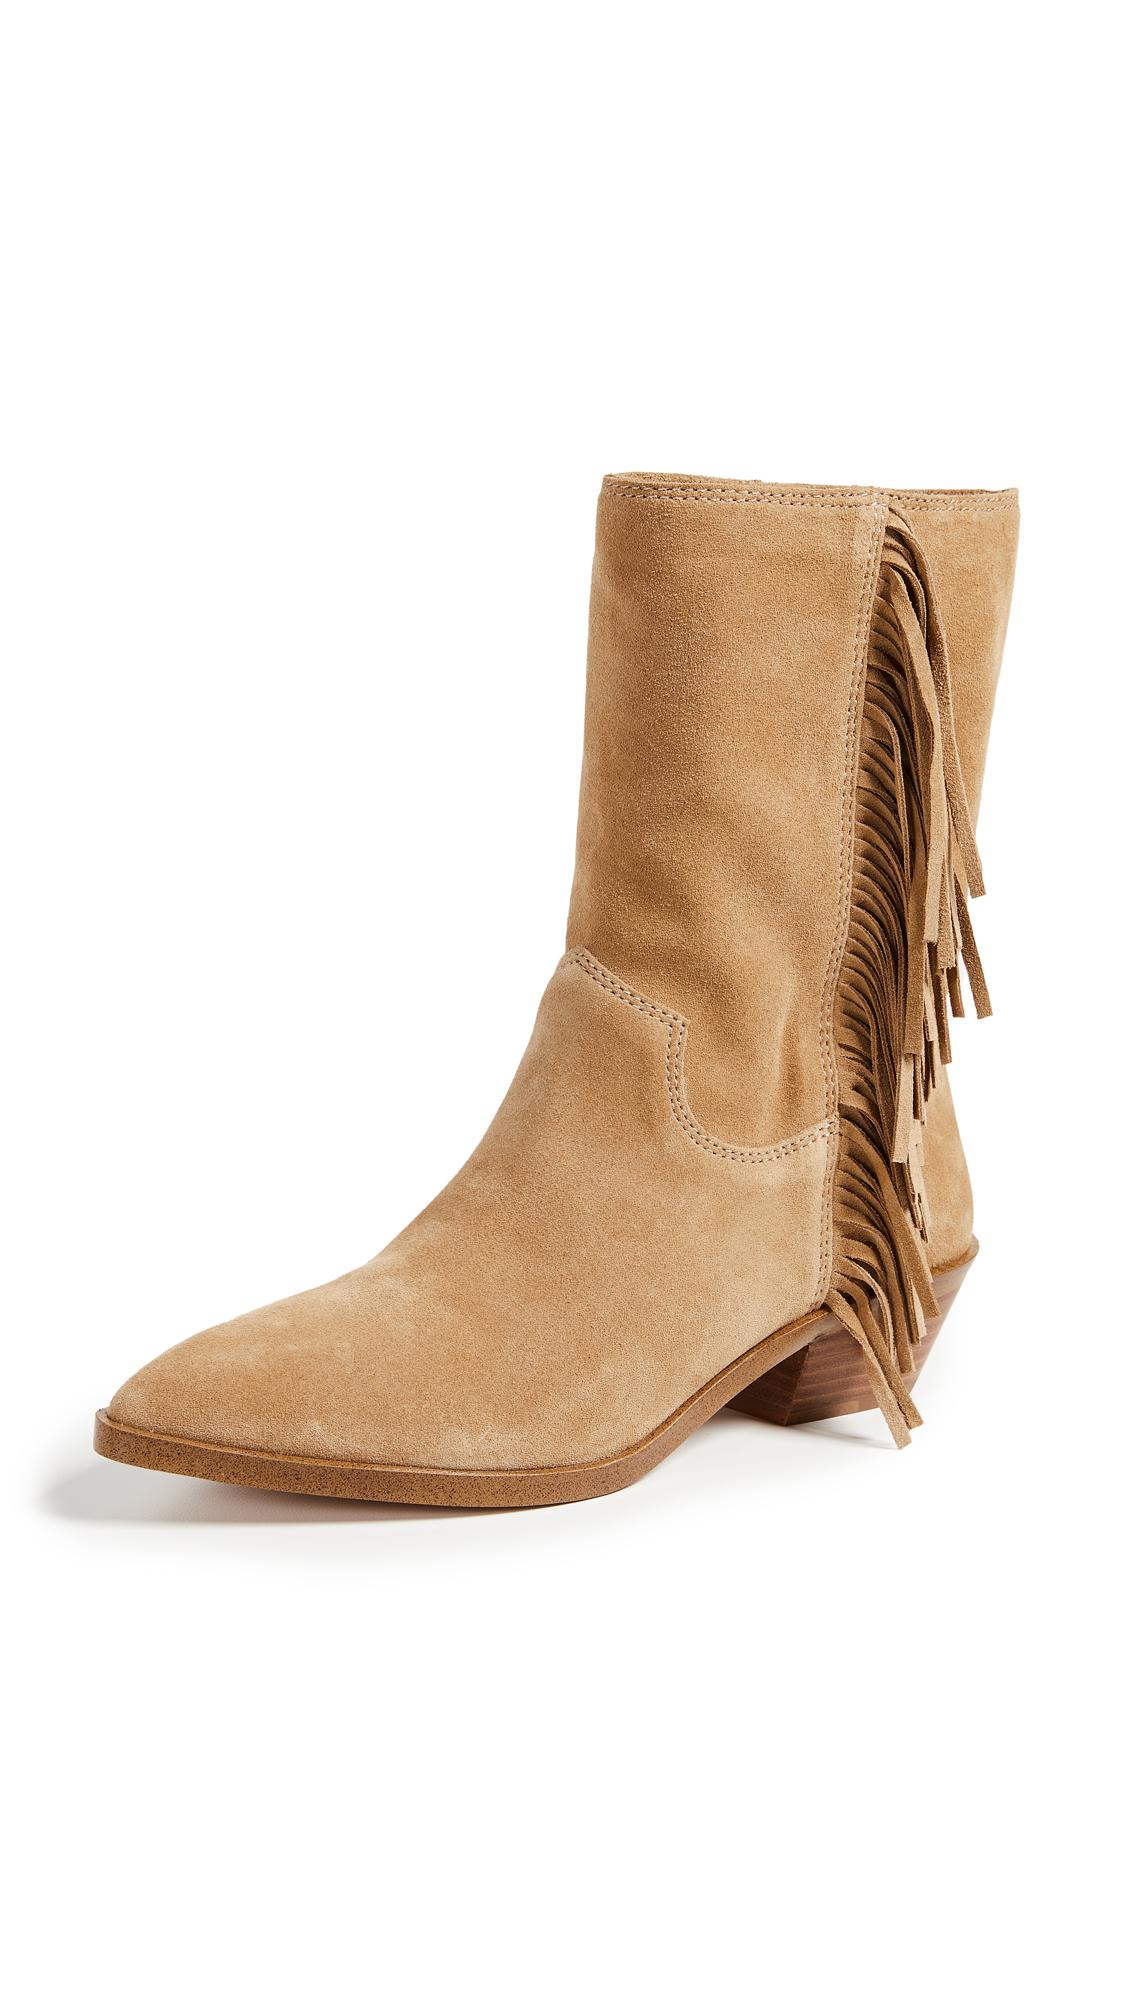 Rebecca Minkoff Krissa Fringe Western Boots - Beige